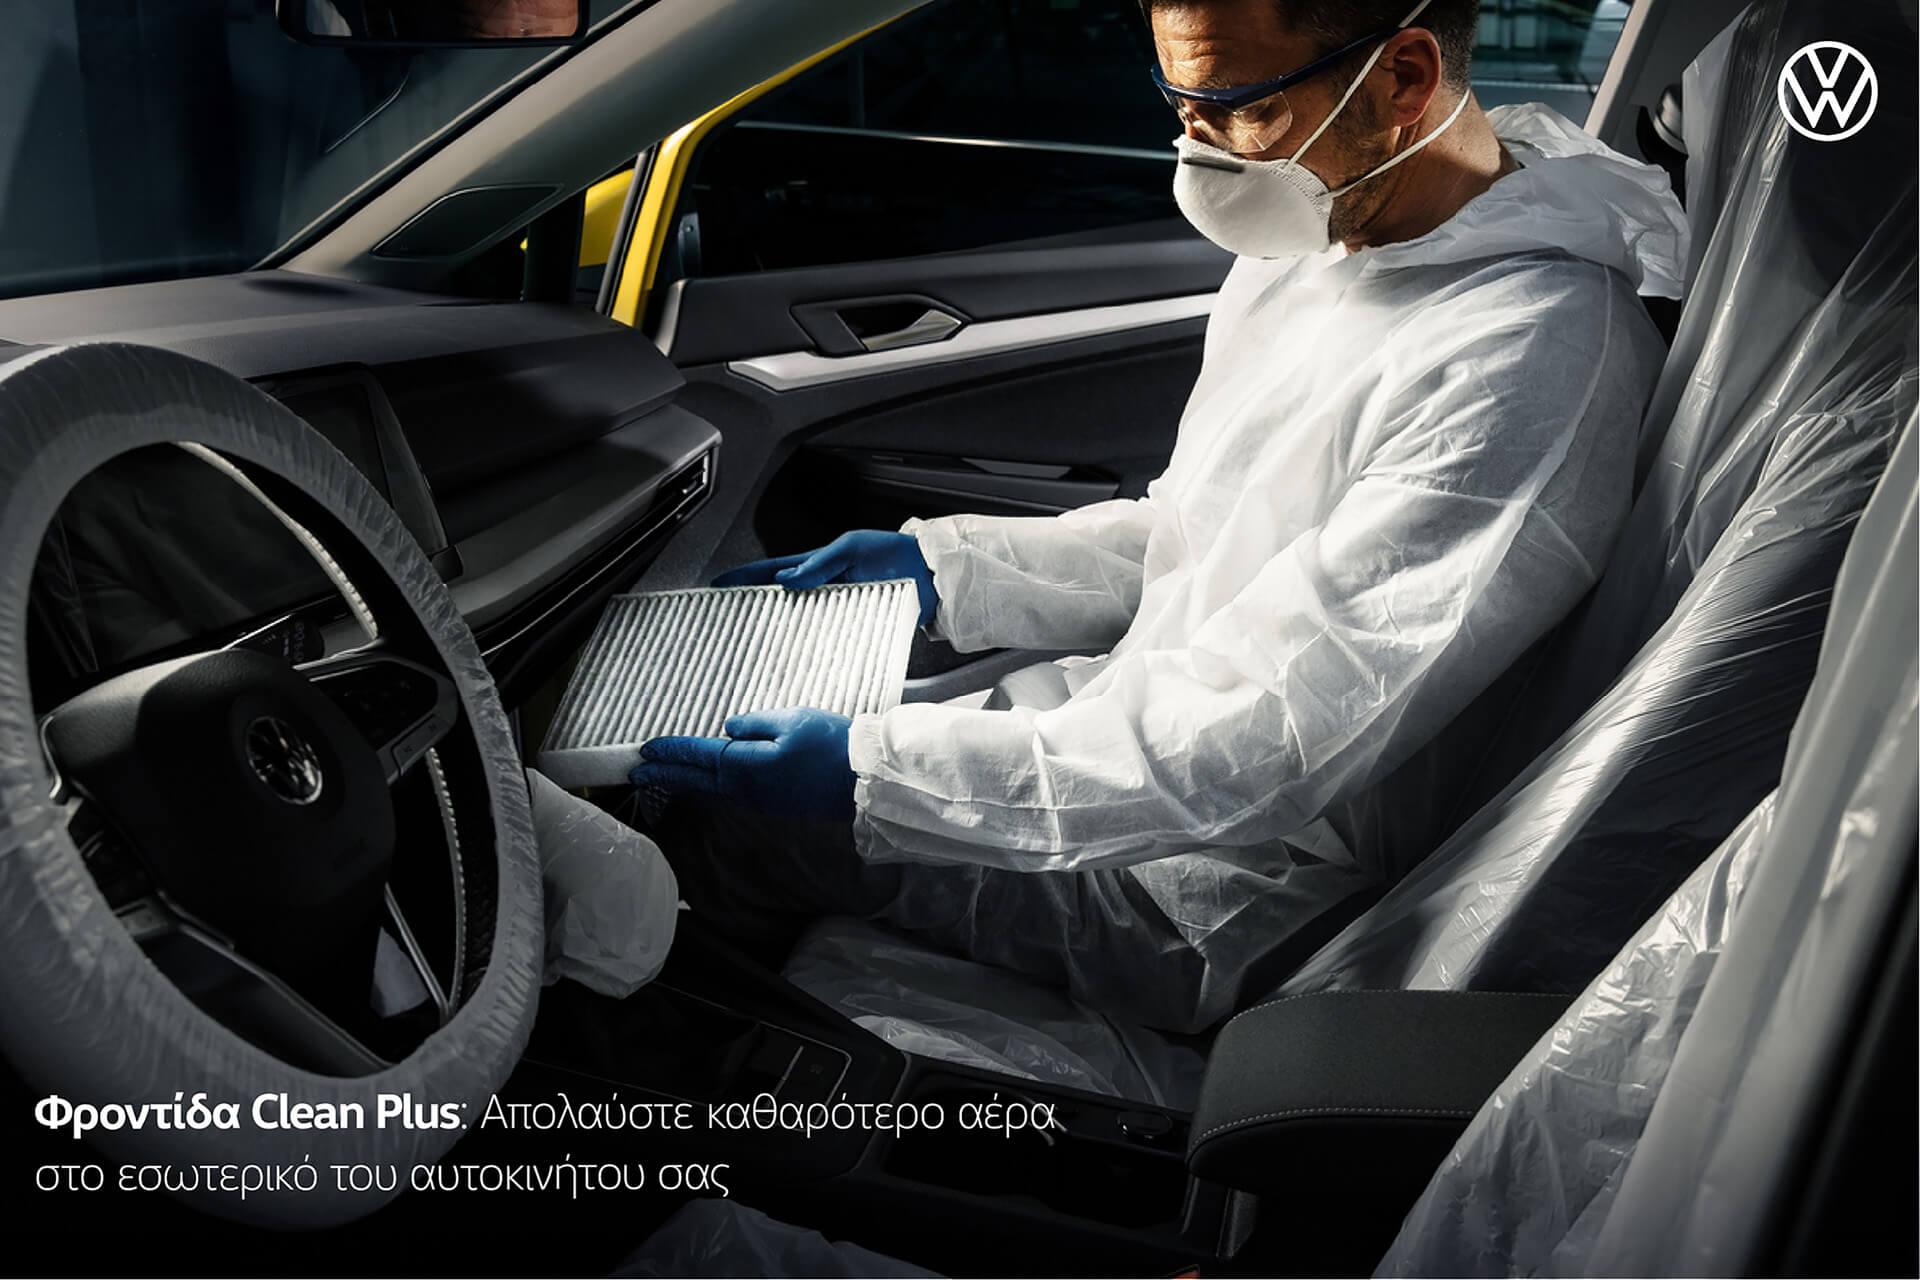 Volkswagen After Sales - Φροντίδα Clean Plus - Απολύμανση του συστήματος κλιματισμού